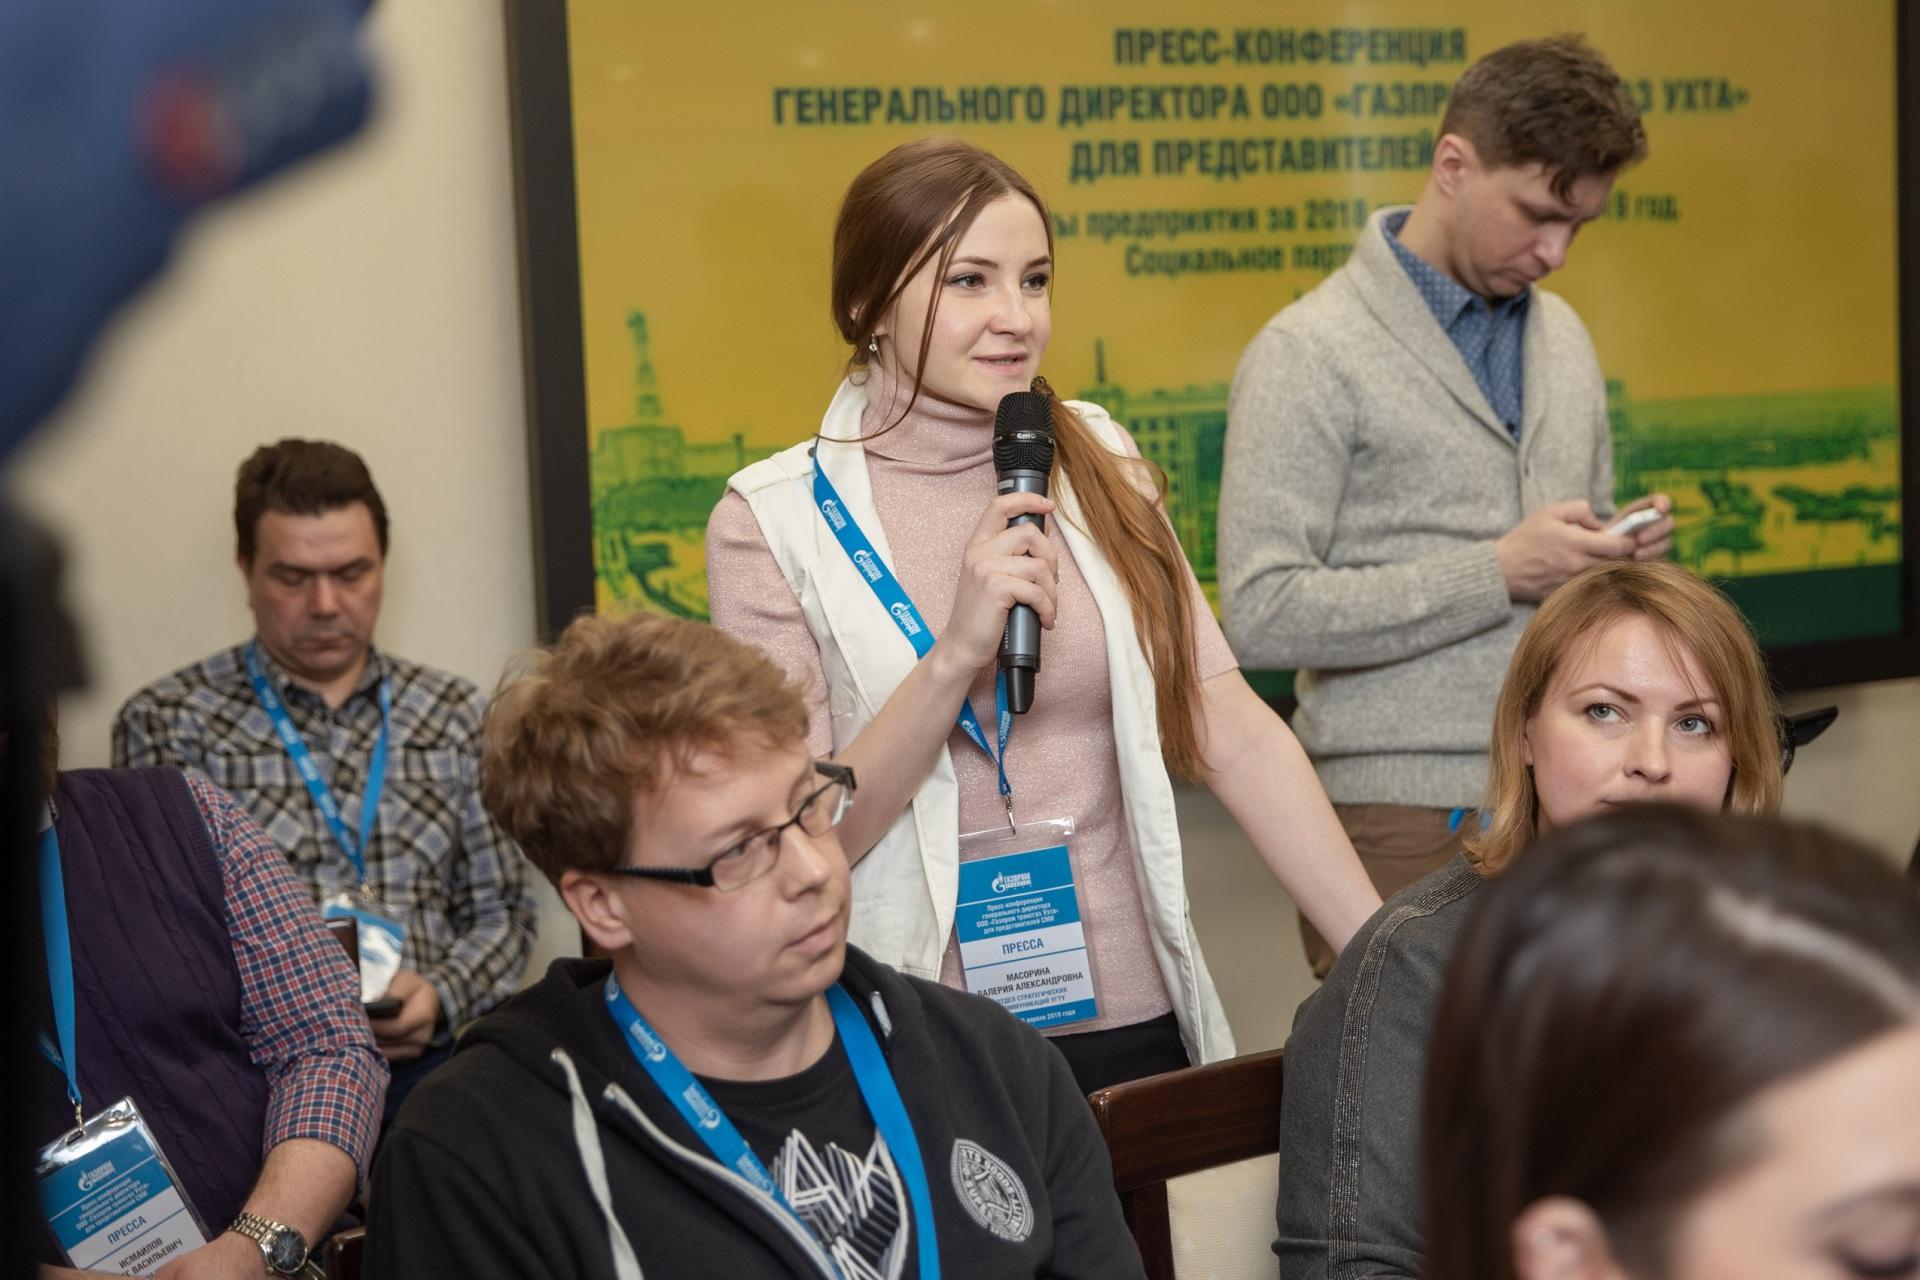 2019.04.19-Press-konferenziya.-A.V.-Gaivoronskii.-Foto-M.Sivakova-30.jpg